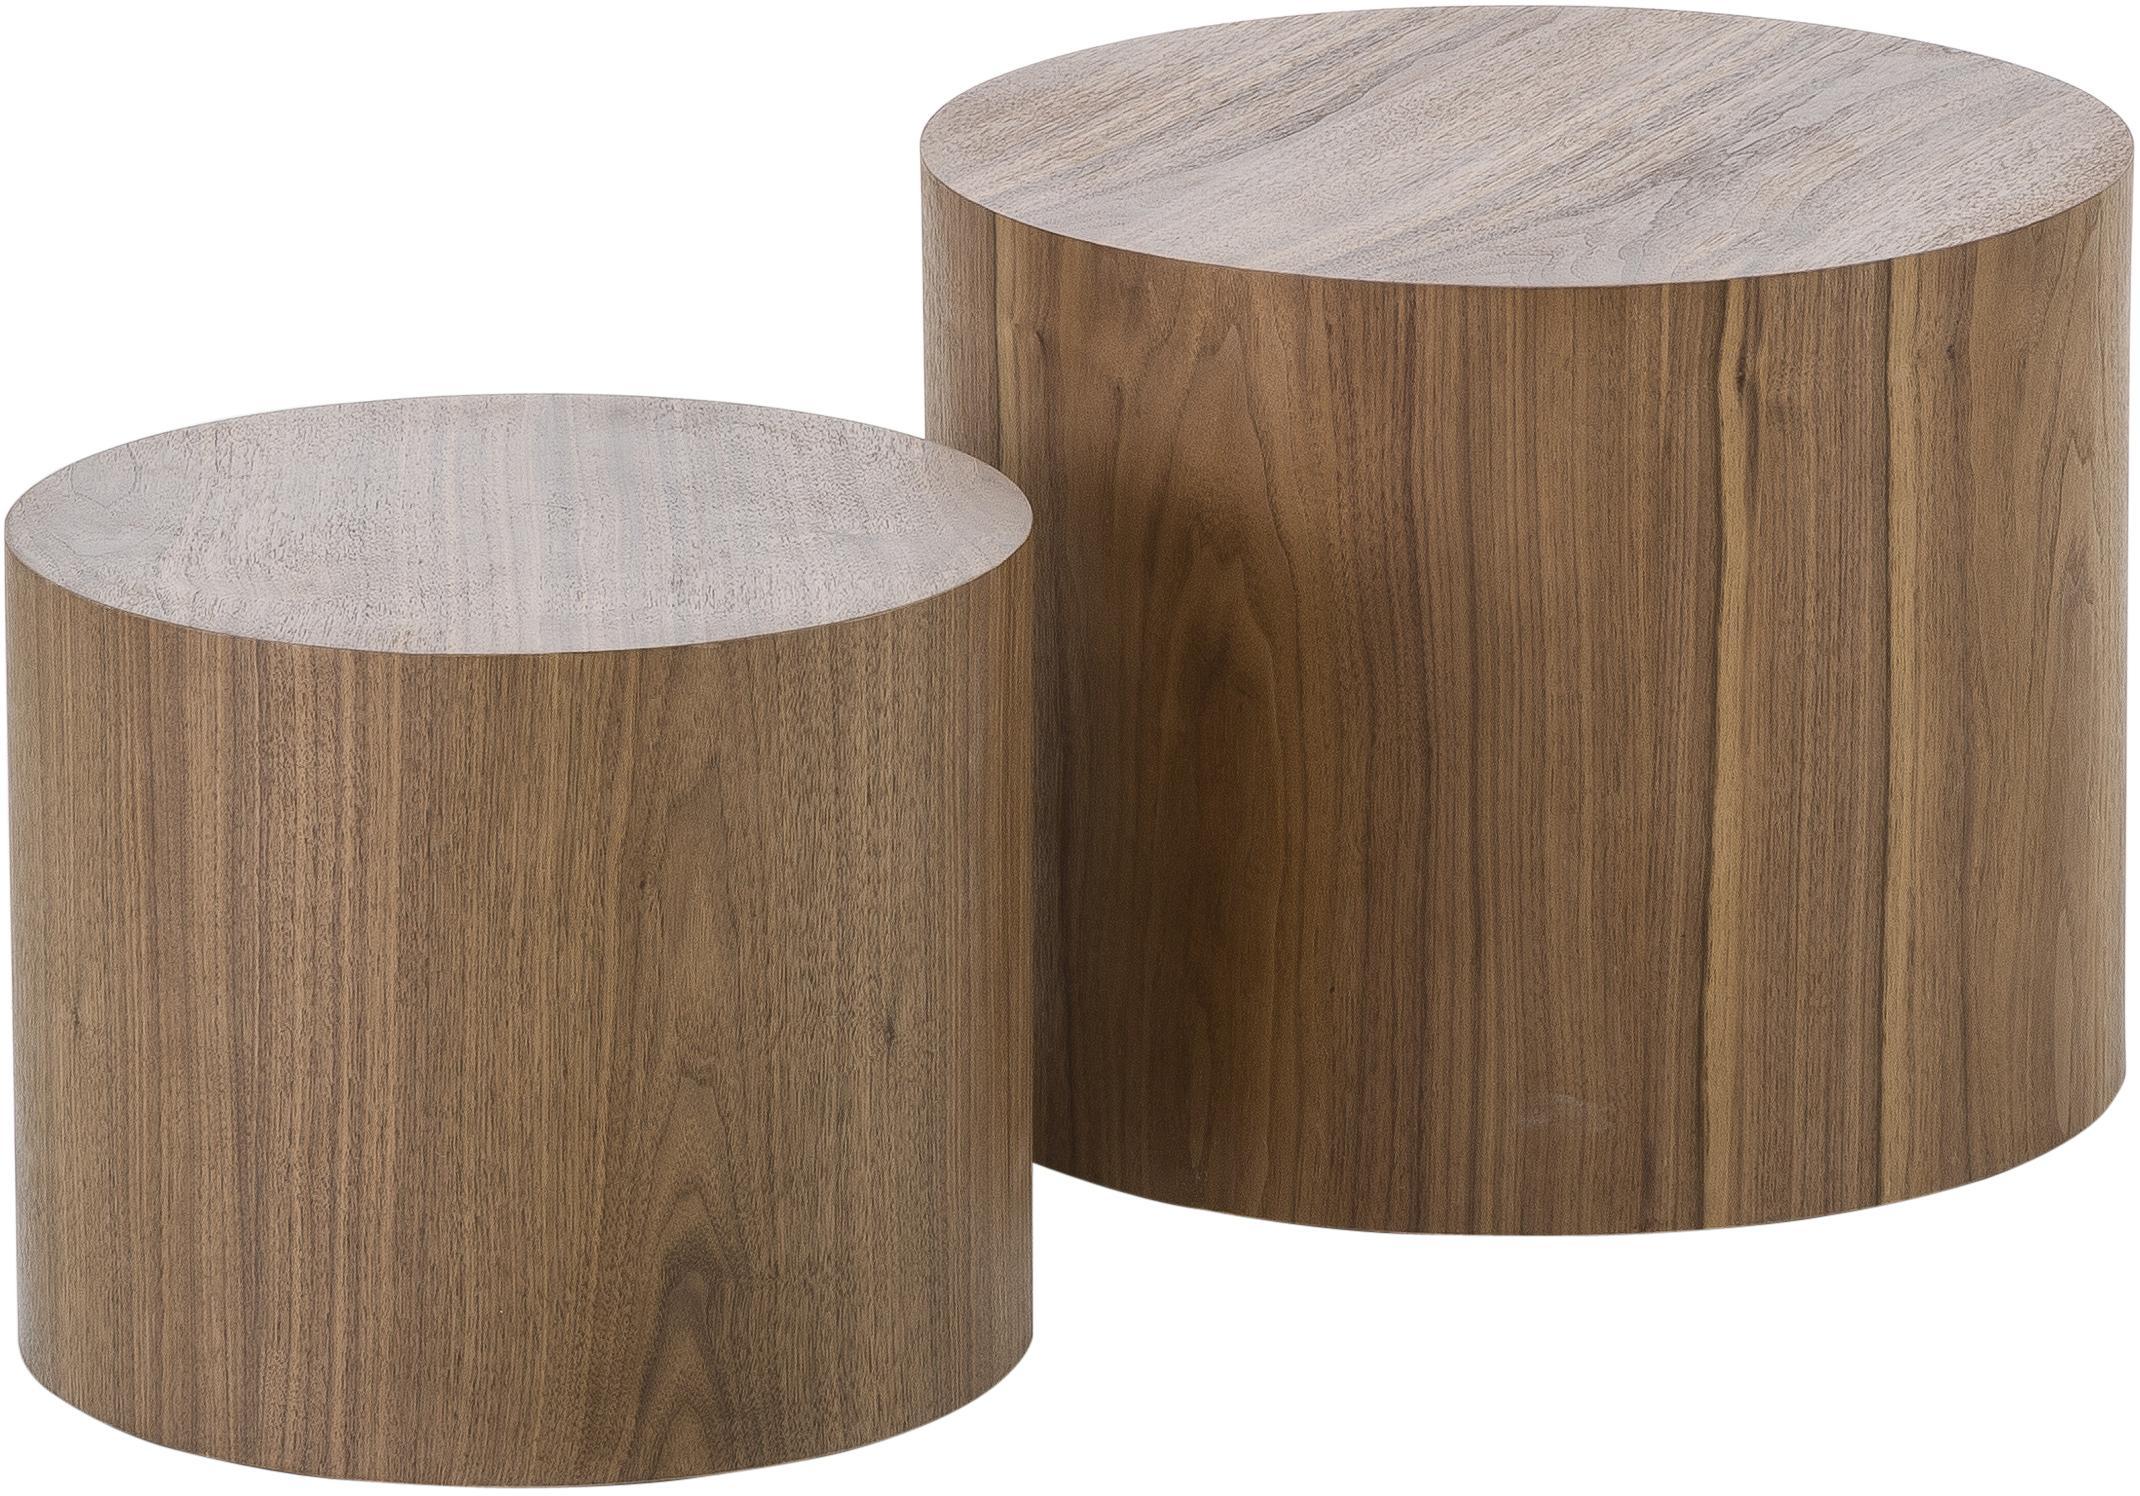 Komplet stolików pomocniczych Dan, 2 elem., Płyta pilśniowa (MDF), fornir z drewna orzechowego, Wygląd drewna orzecha włoskiego, Komplet z różnymi rozmiarami